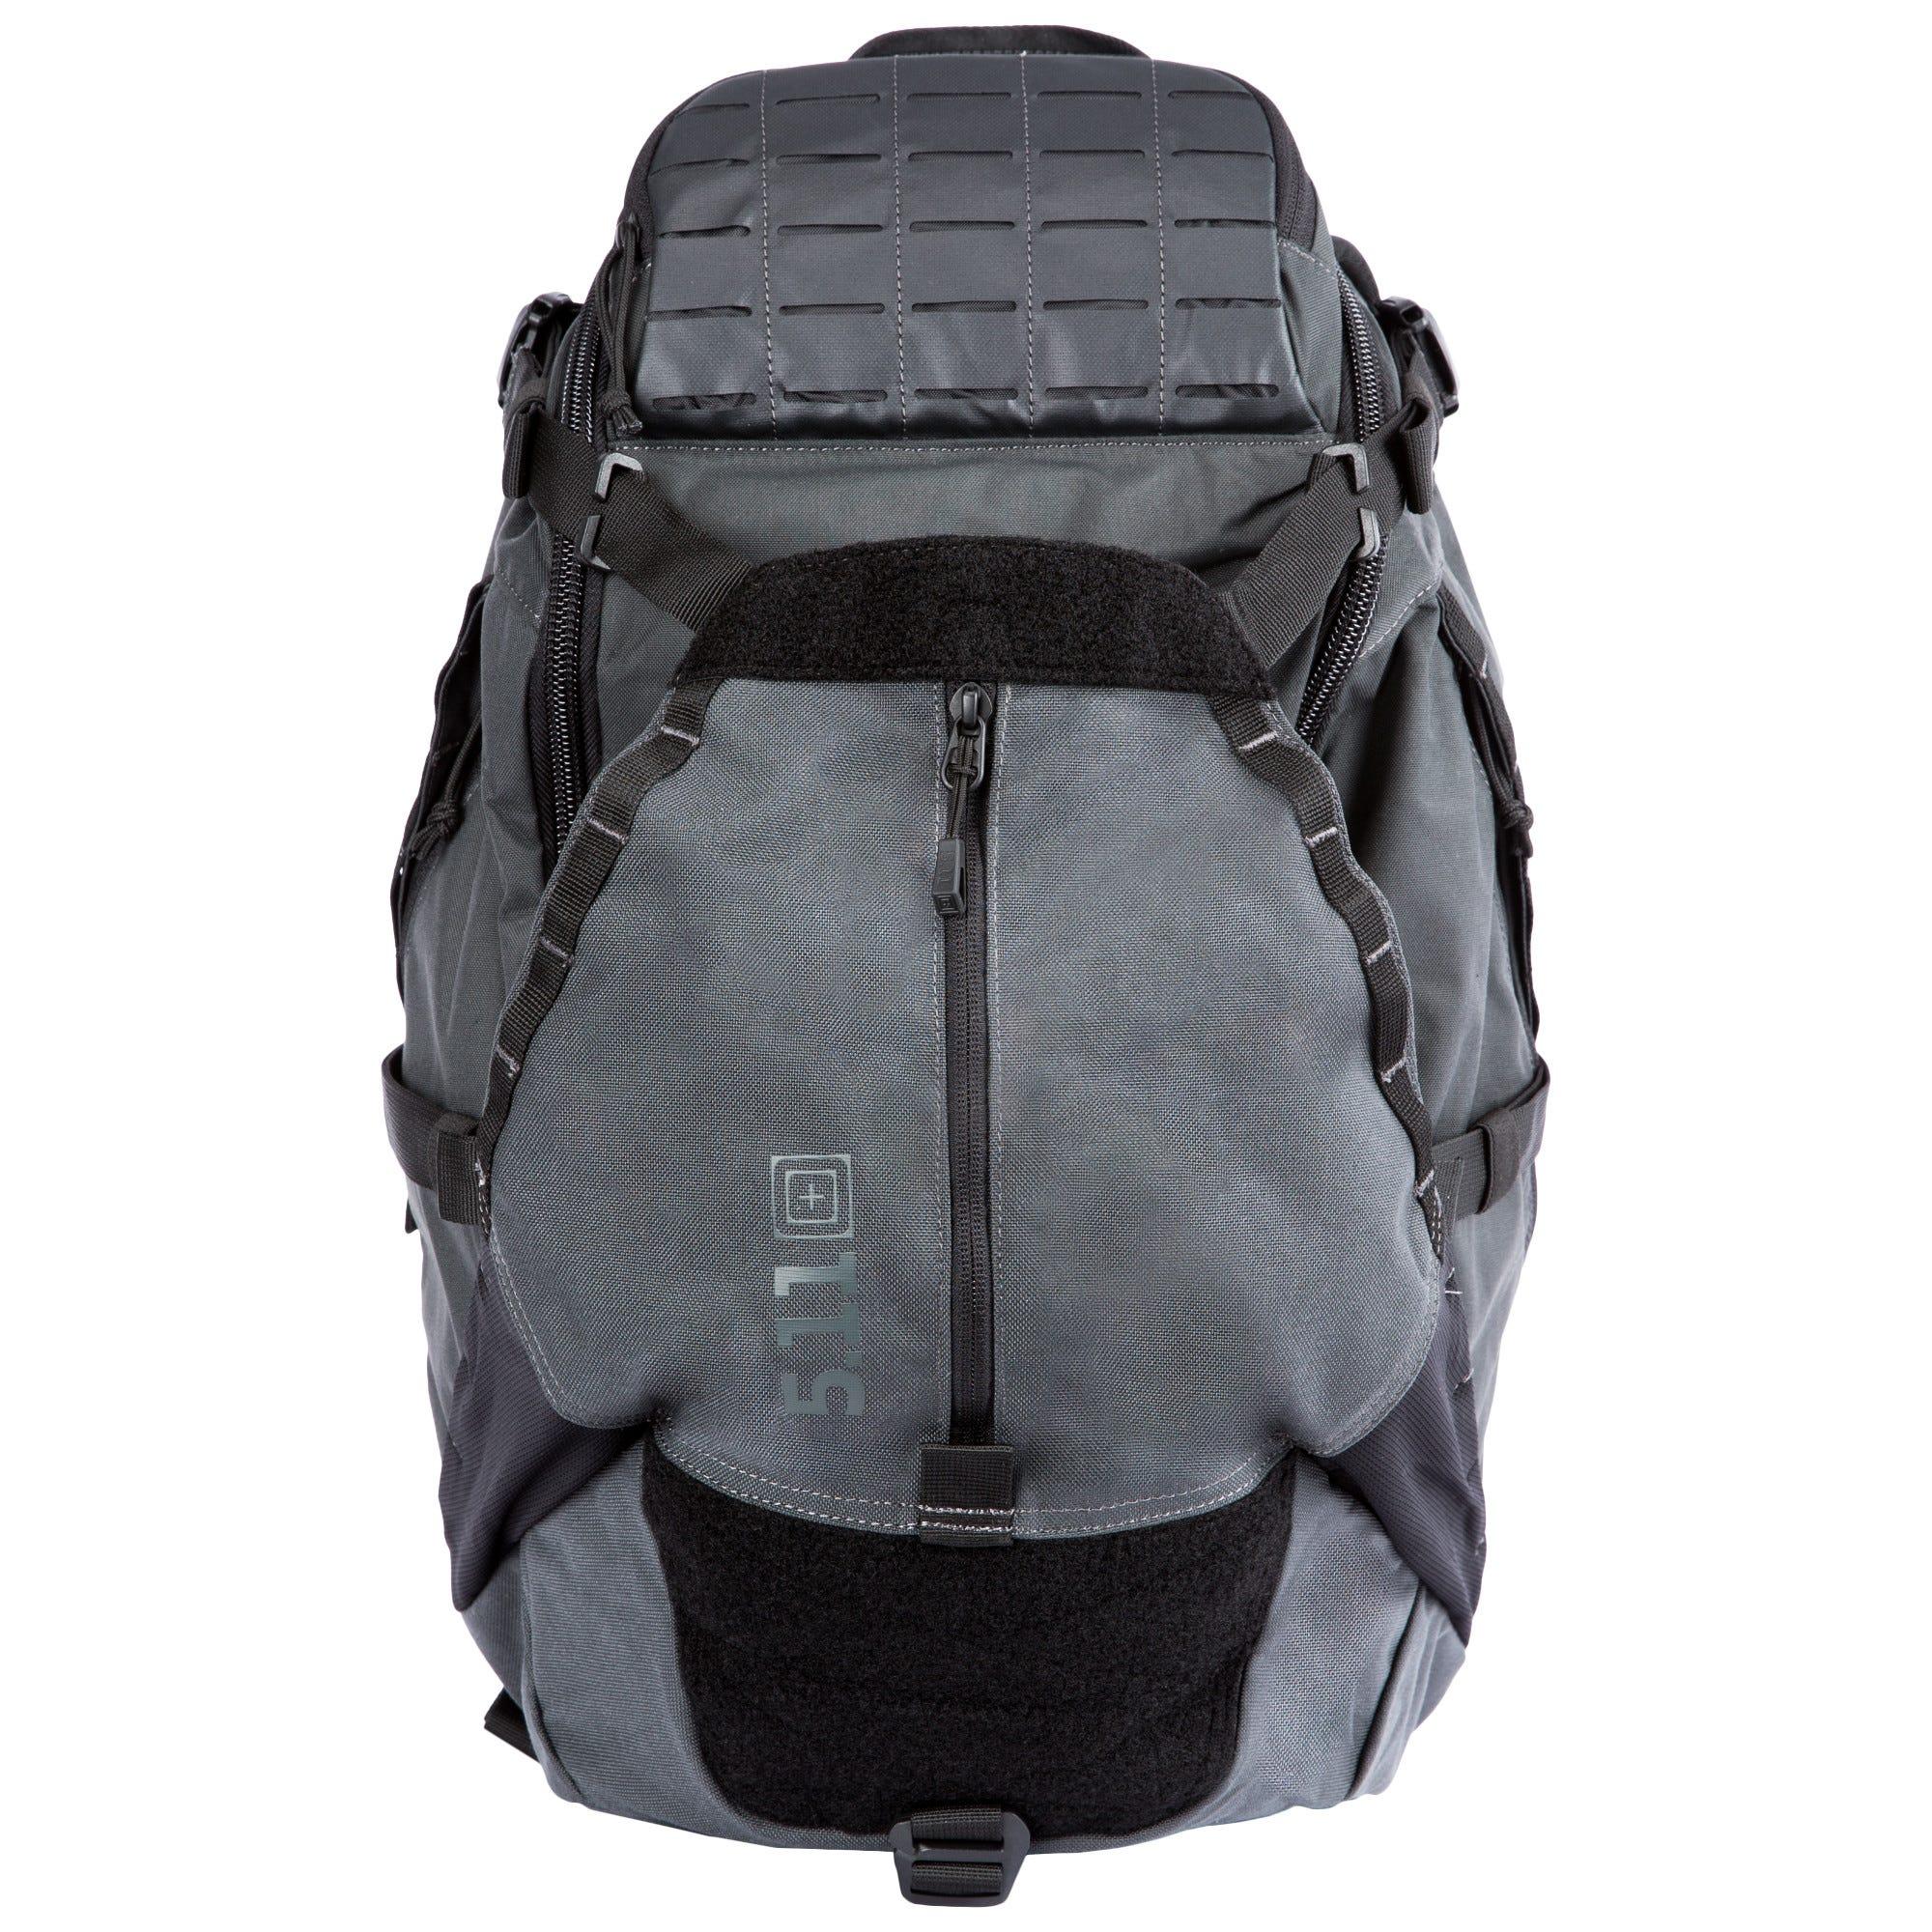 5.11 Tactical HAVOC 30 Backpack (Black)